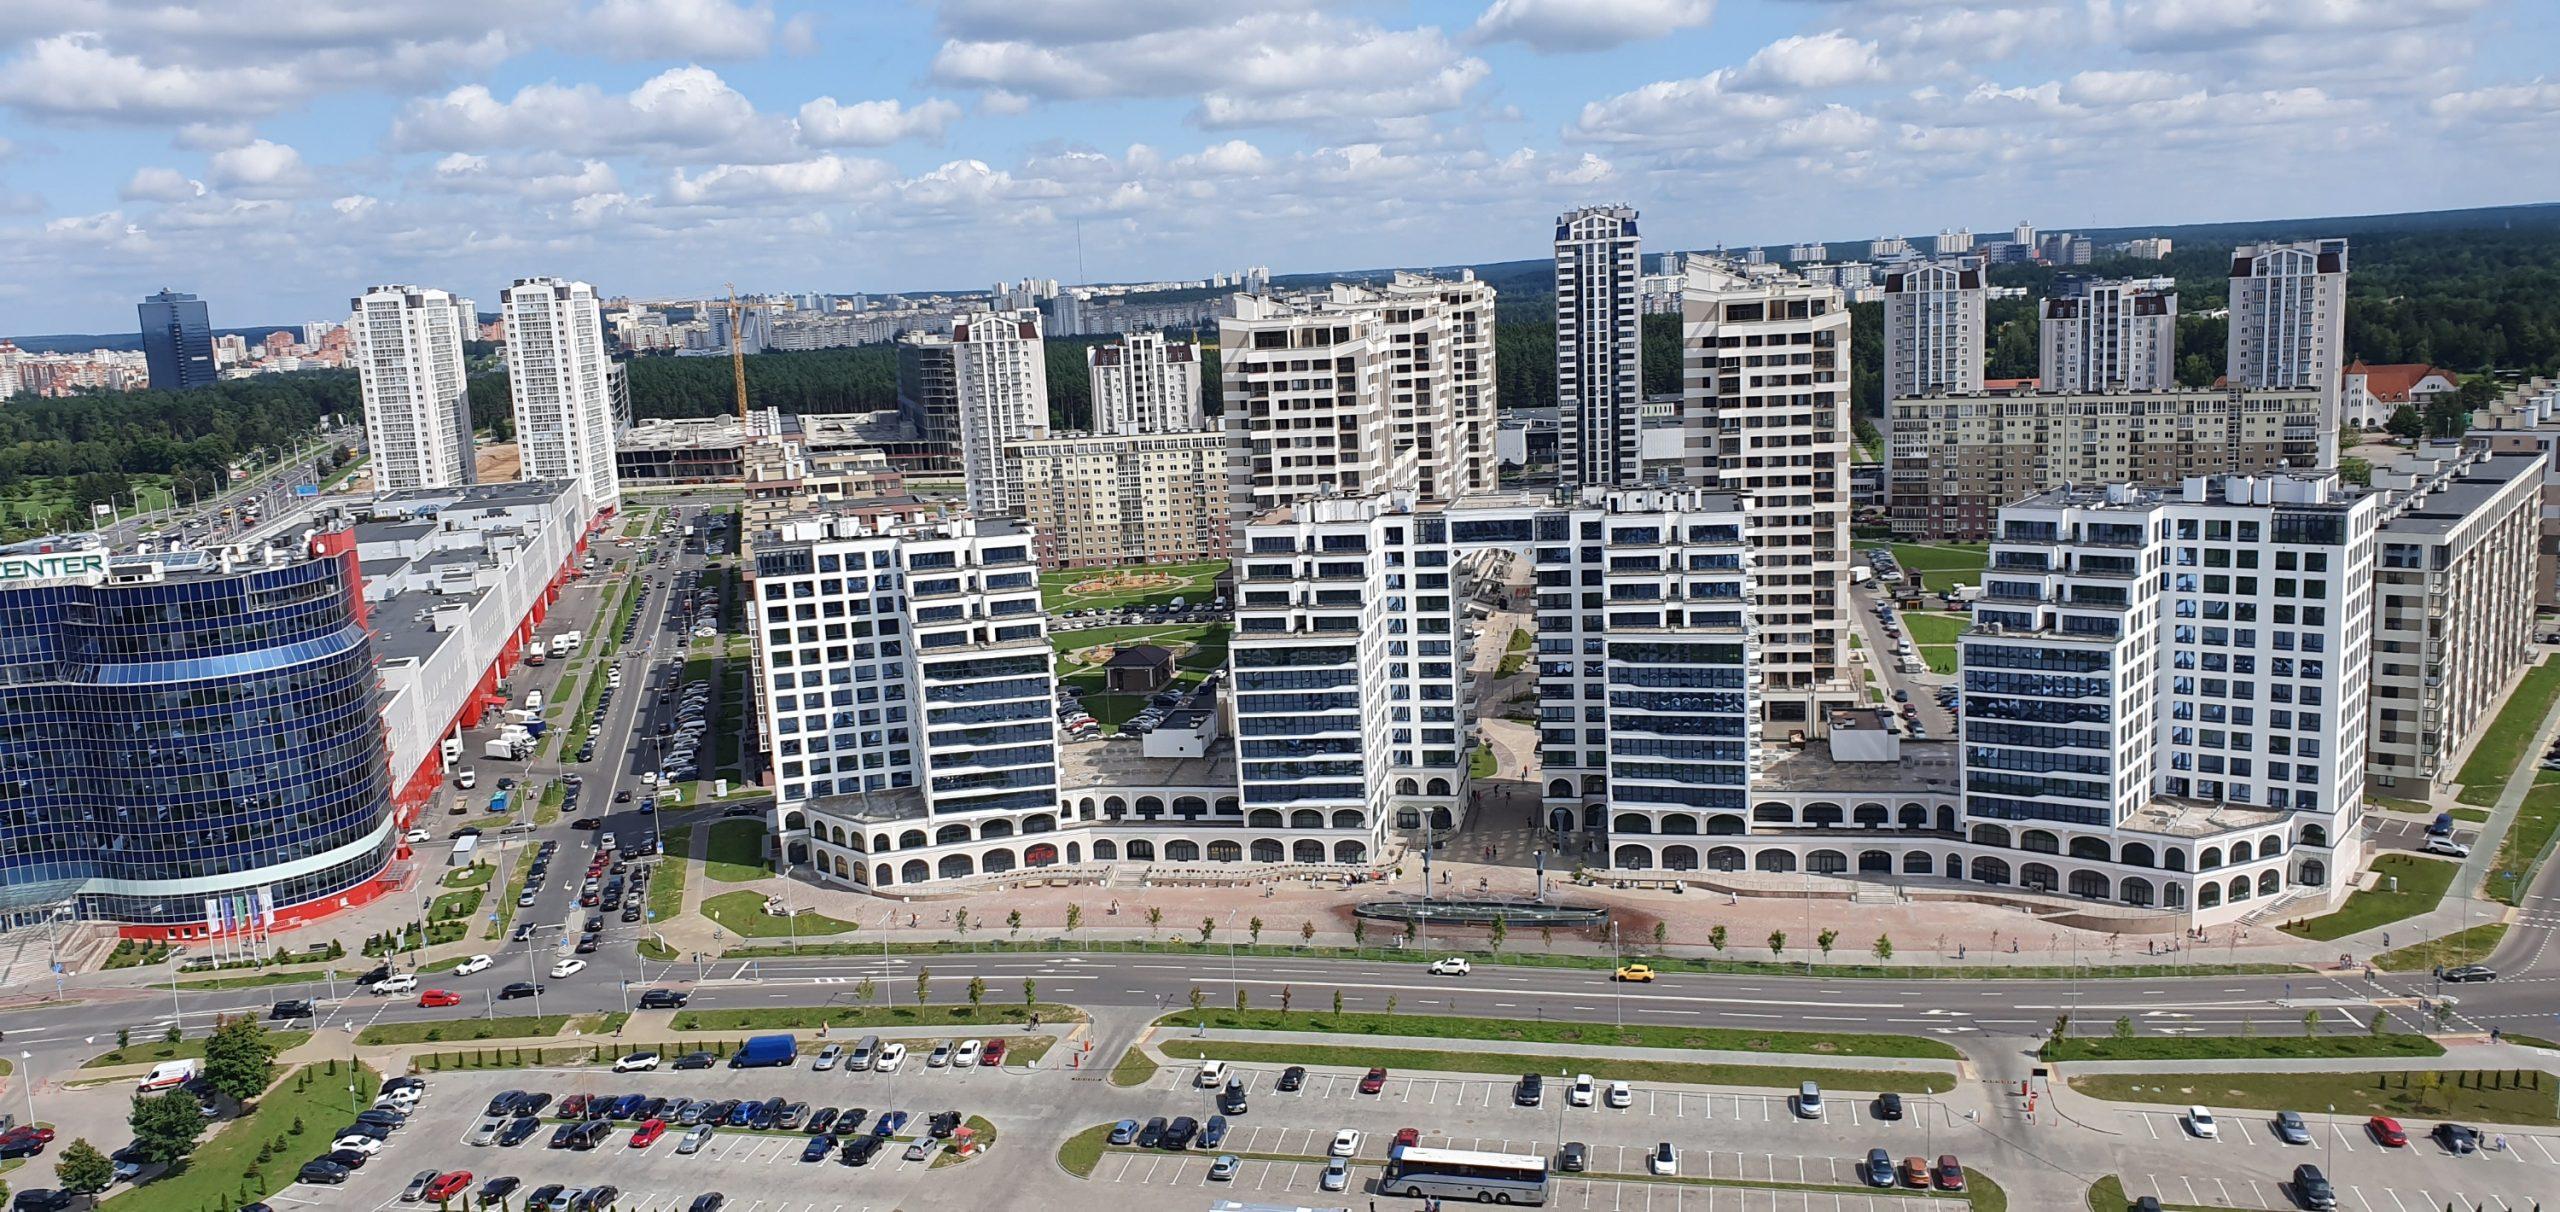 10 août : Minsk - jour 4